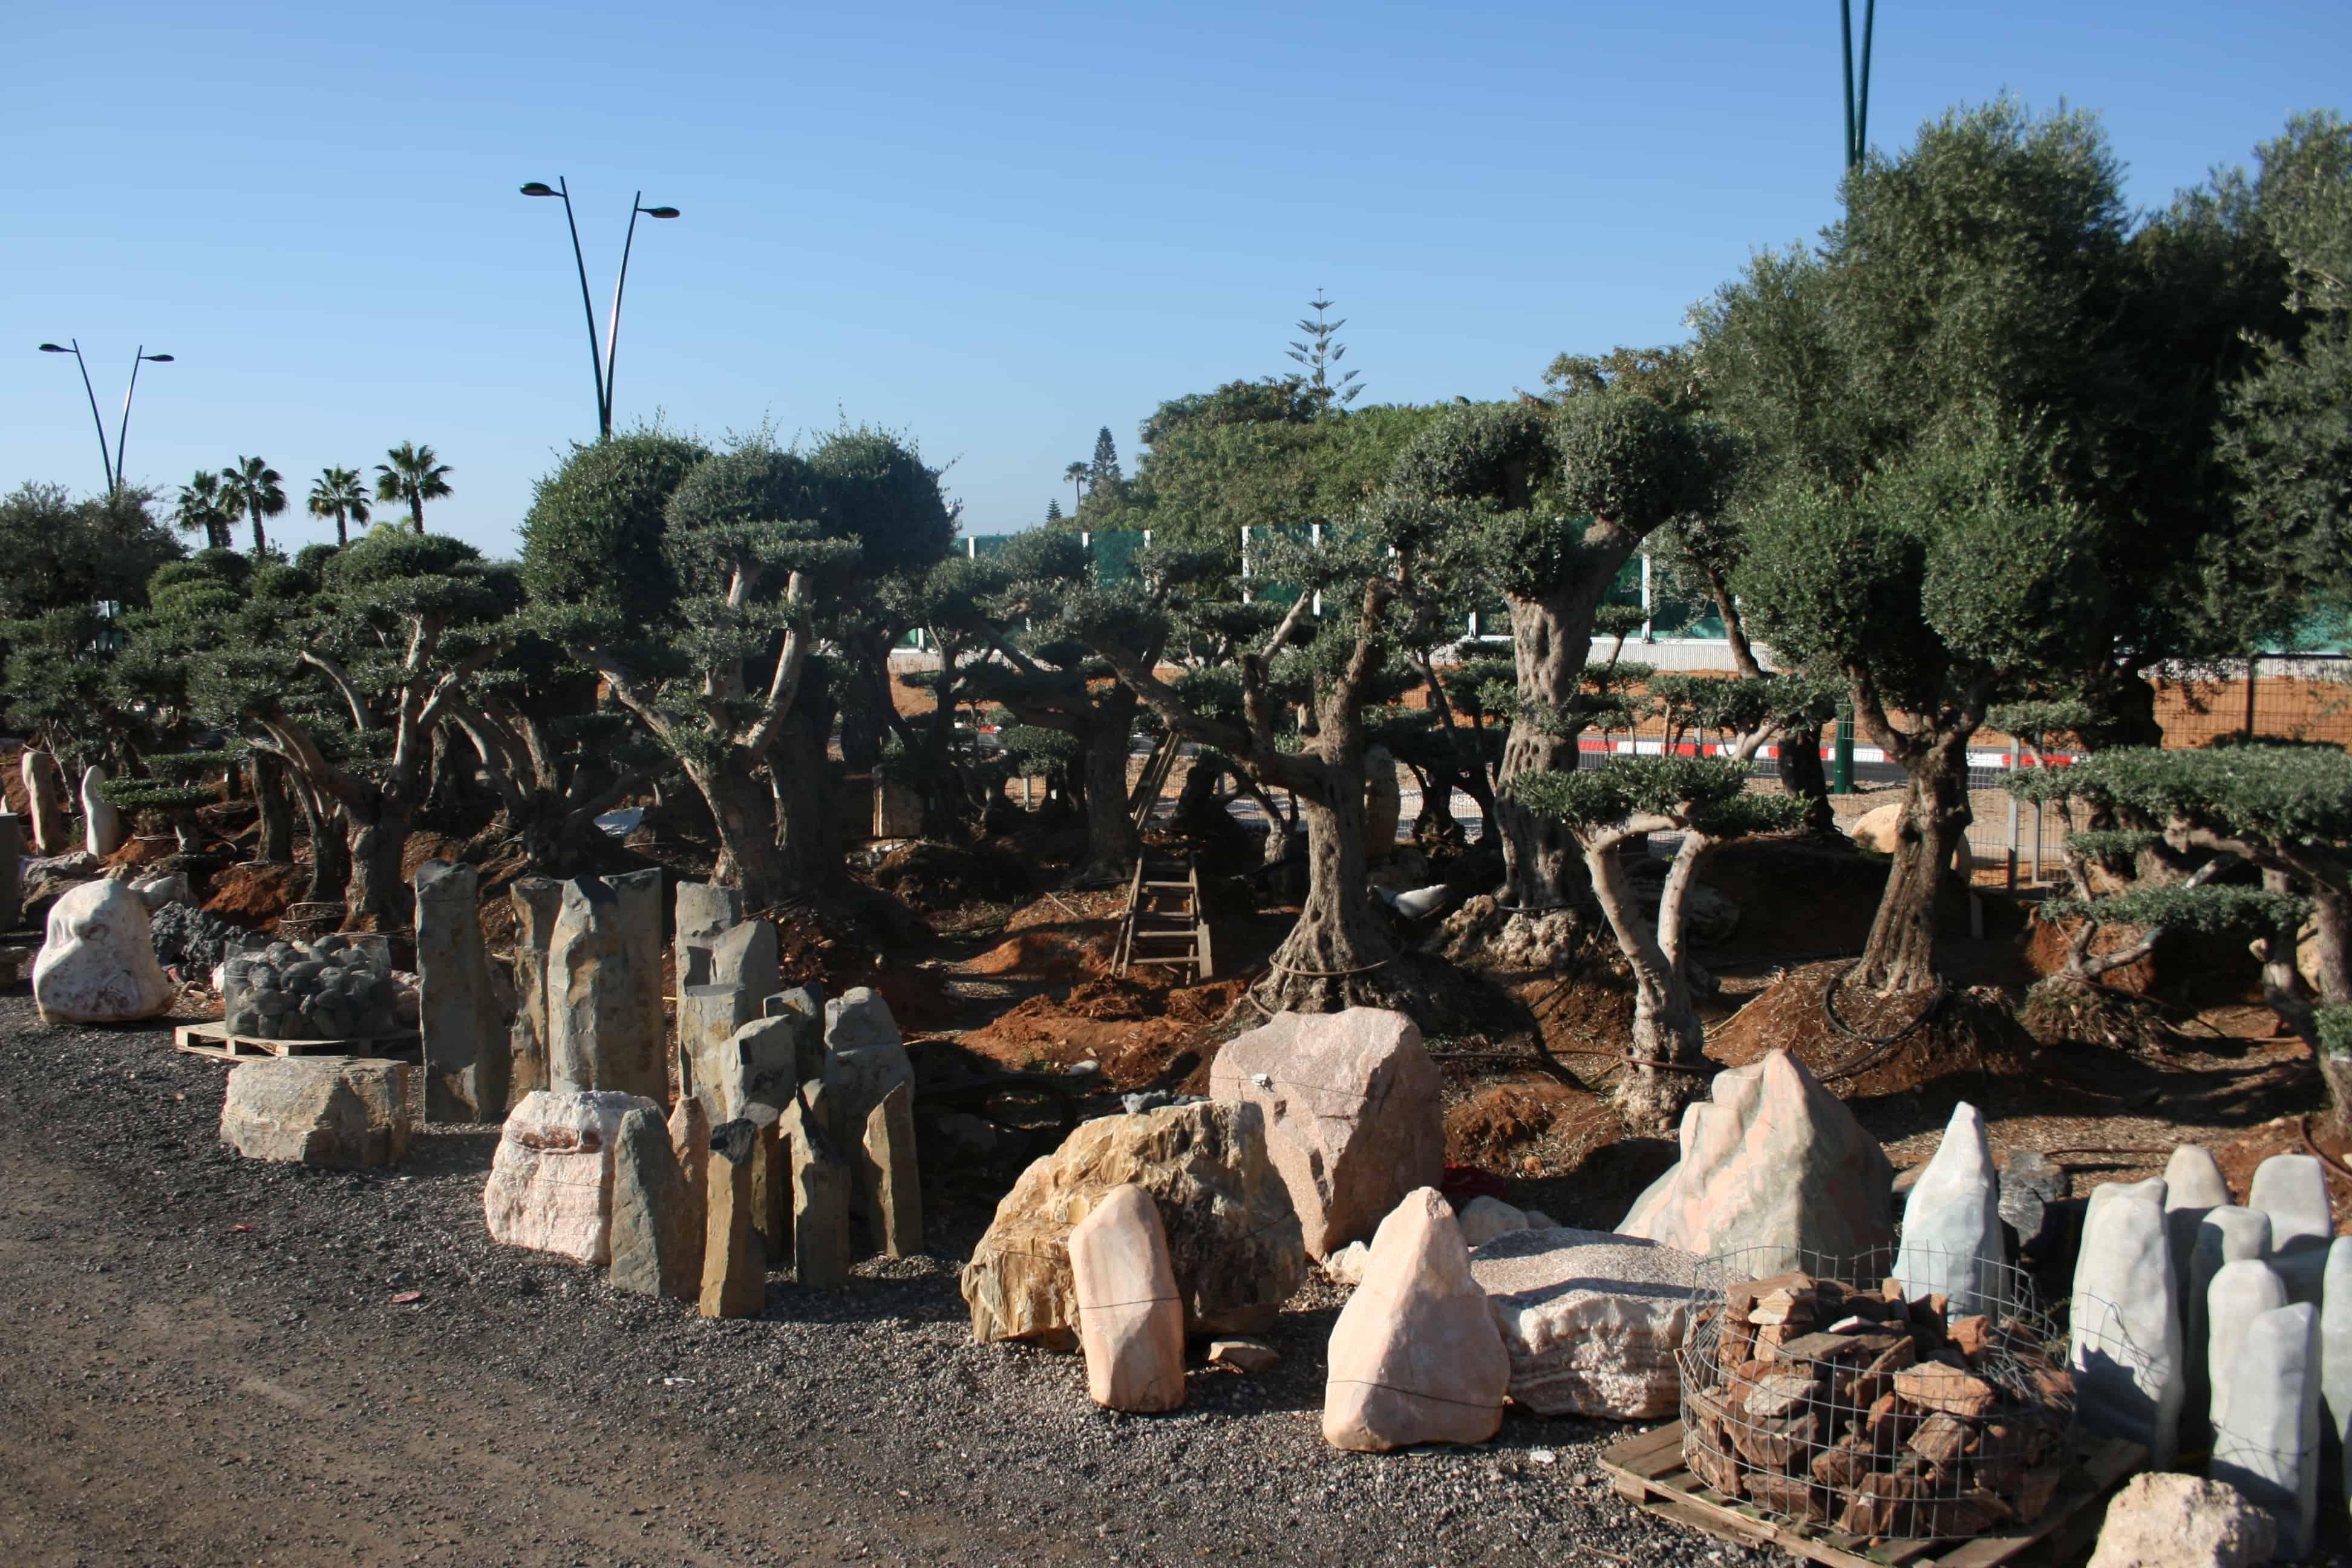 ענק עצים לגינה - עצים למכירה - משתלות ירוק ישראלי EV-06